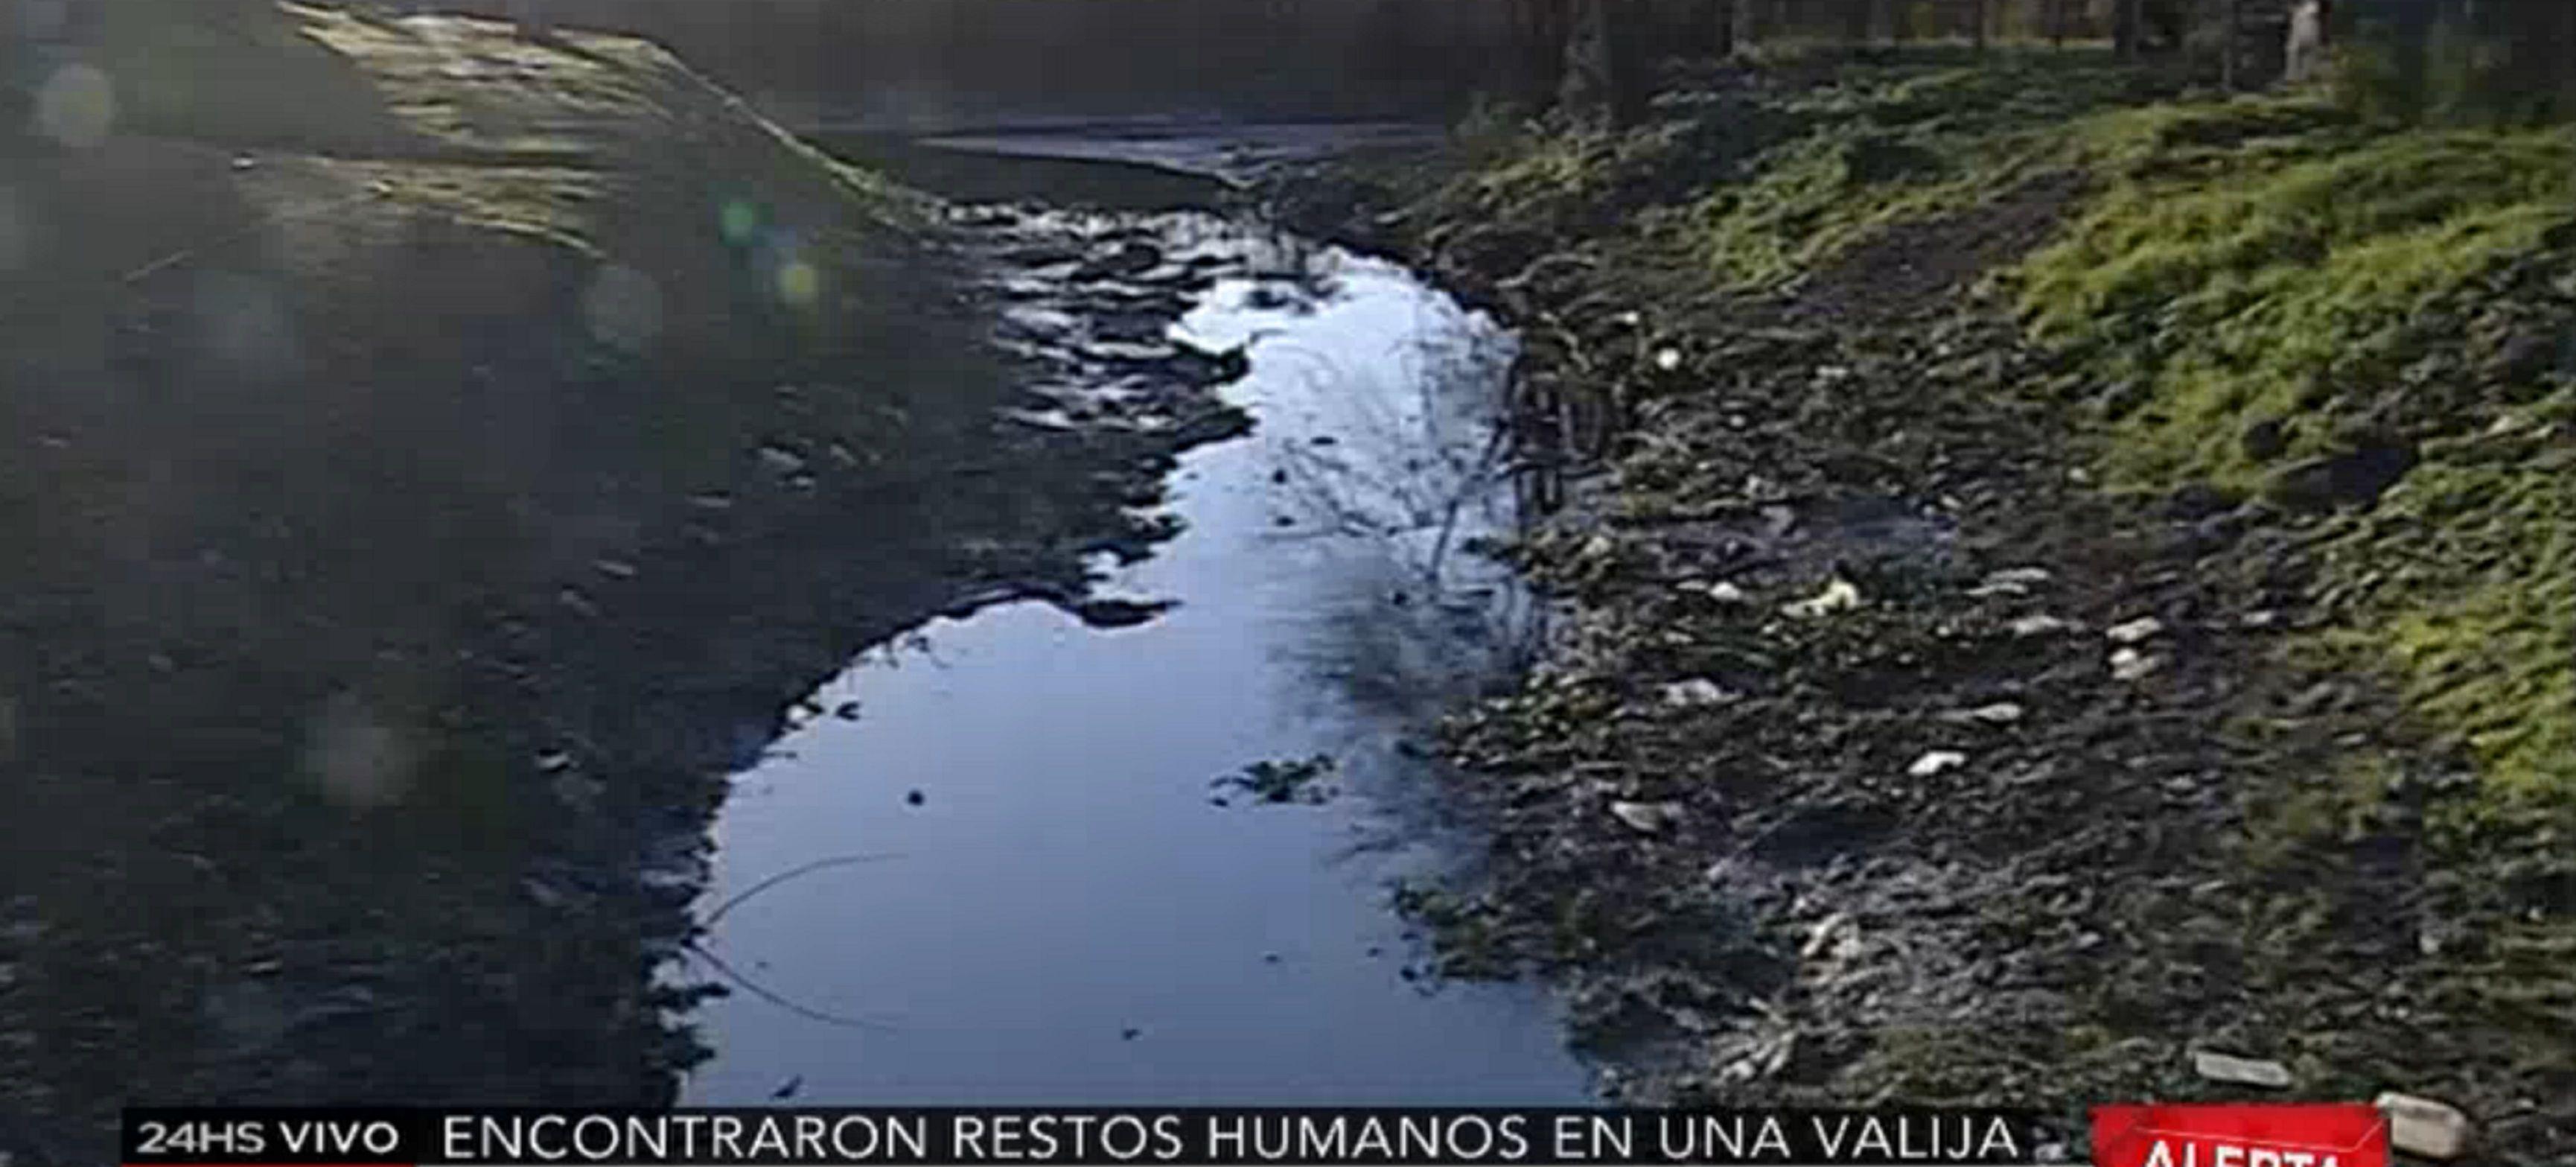 Encontraron restos humanos en una valija abandonada en San Fernando